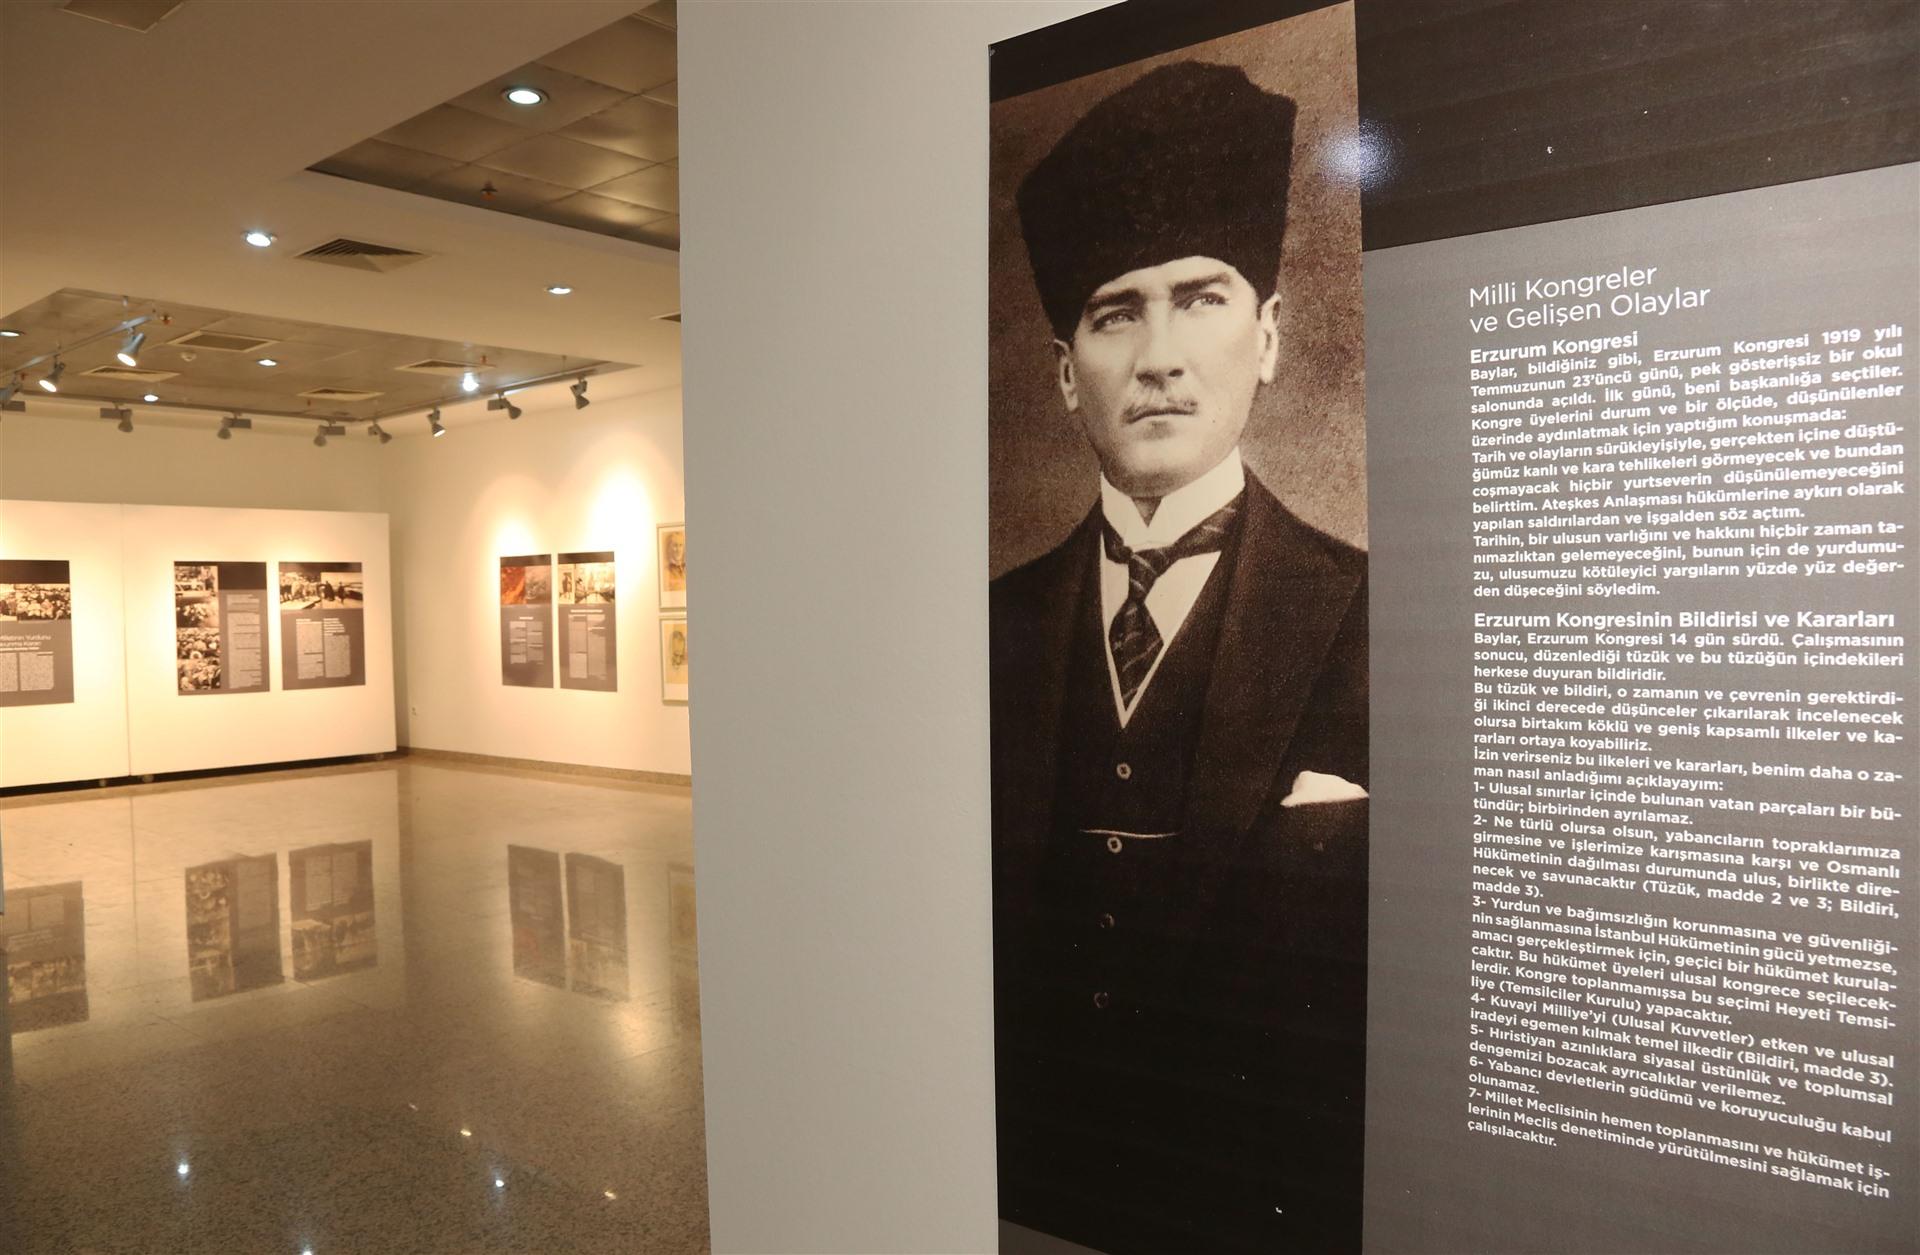 ATATÜRK'ÜN BİLİNMEYEN FOTOĞRAFLARI  SKSM' DE